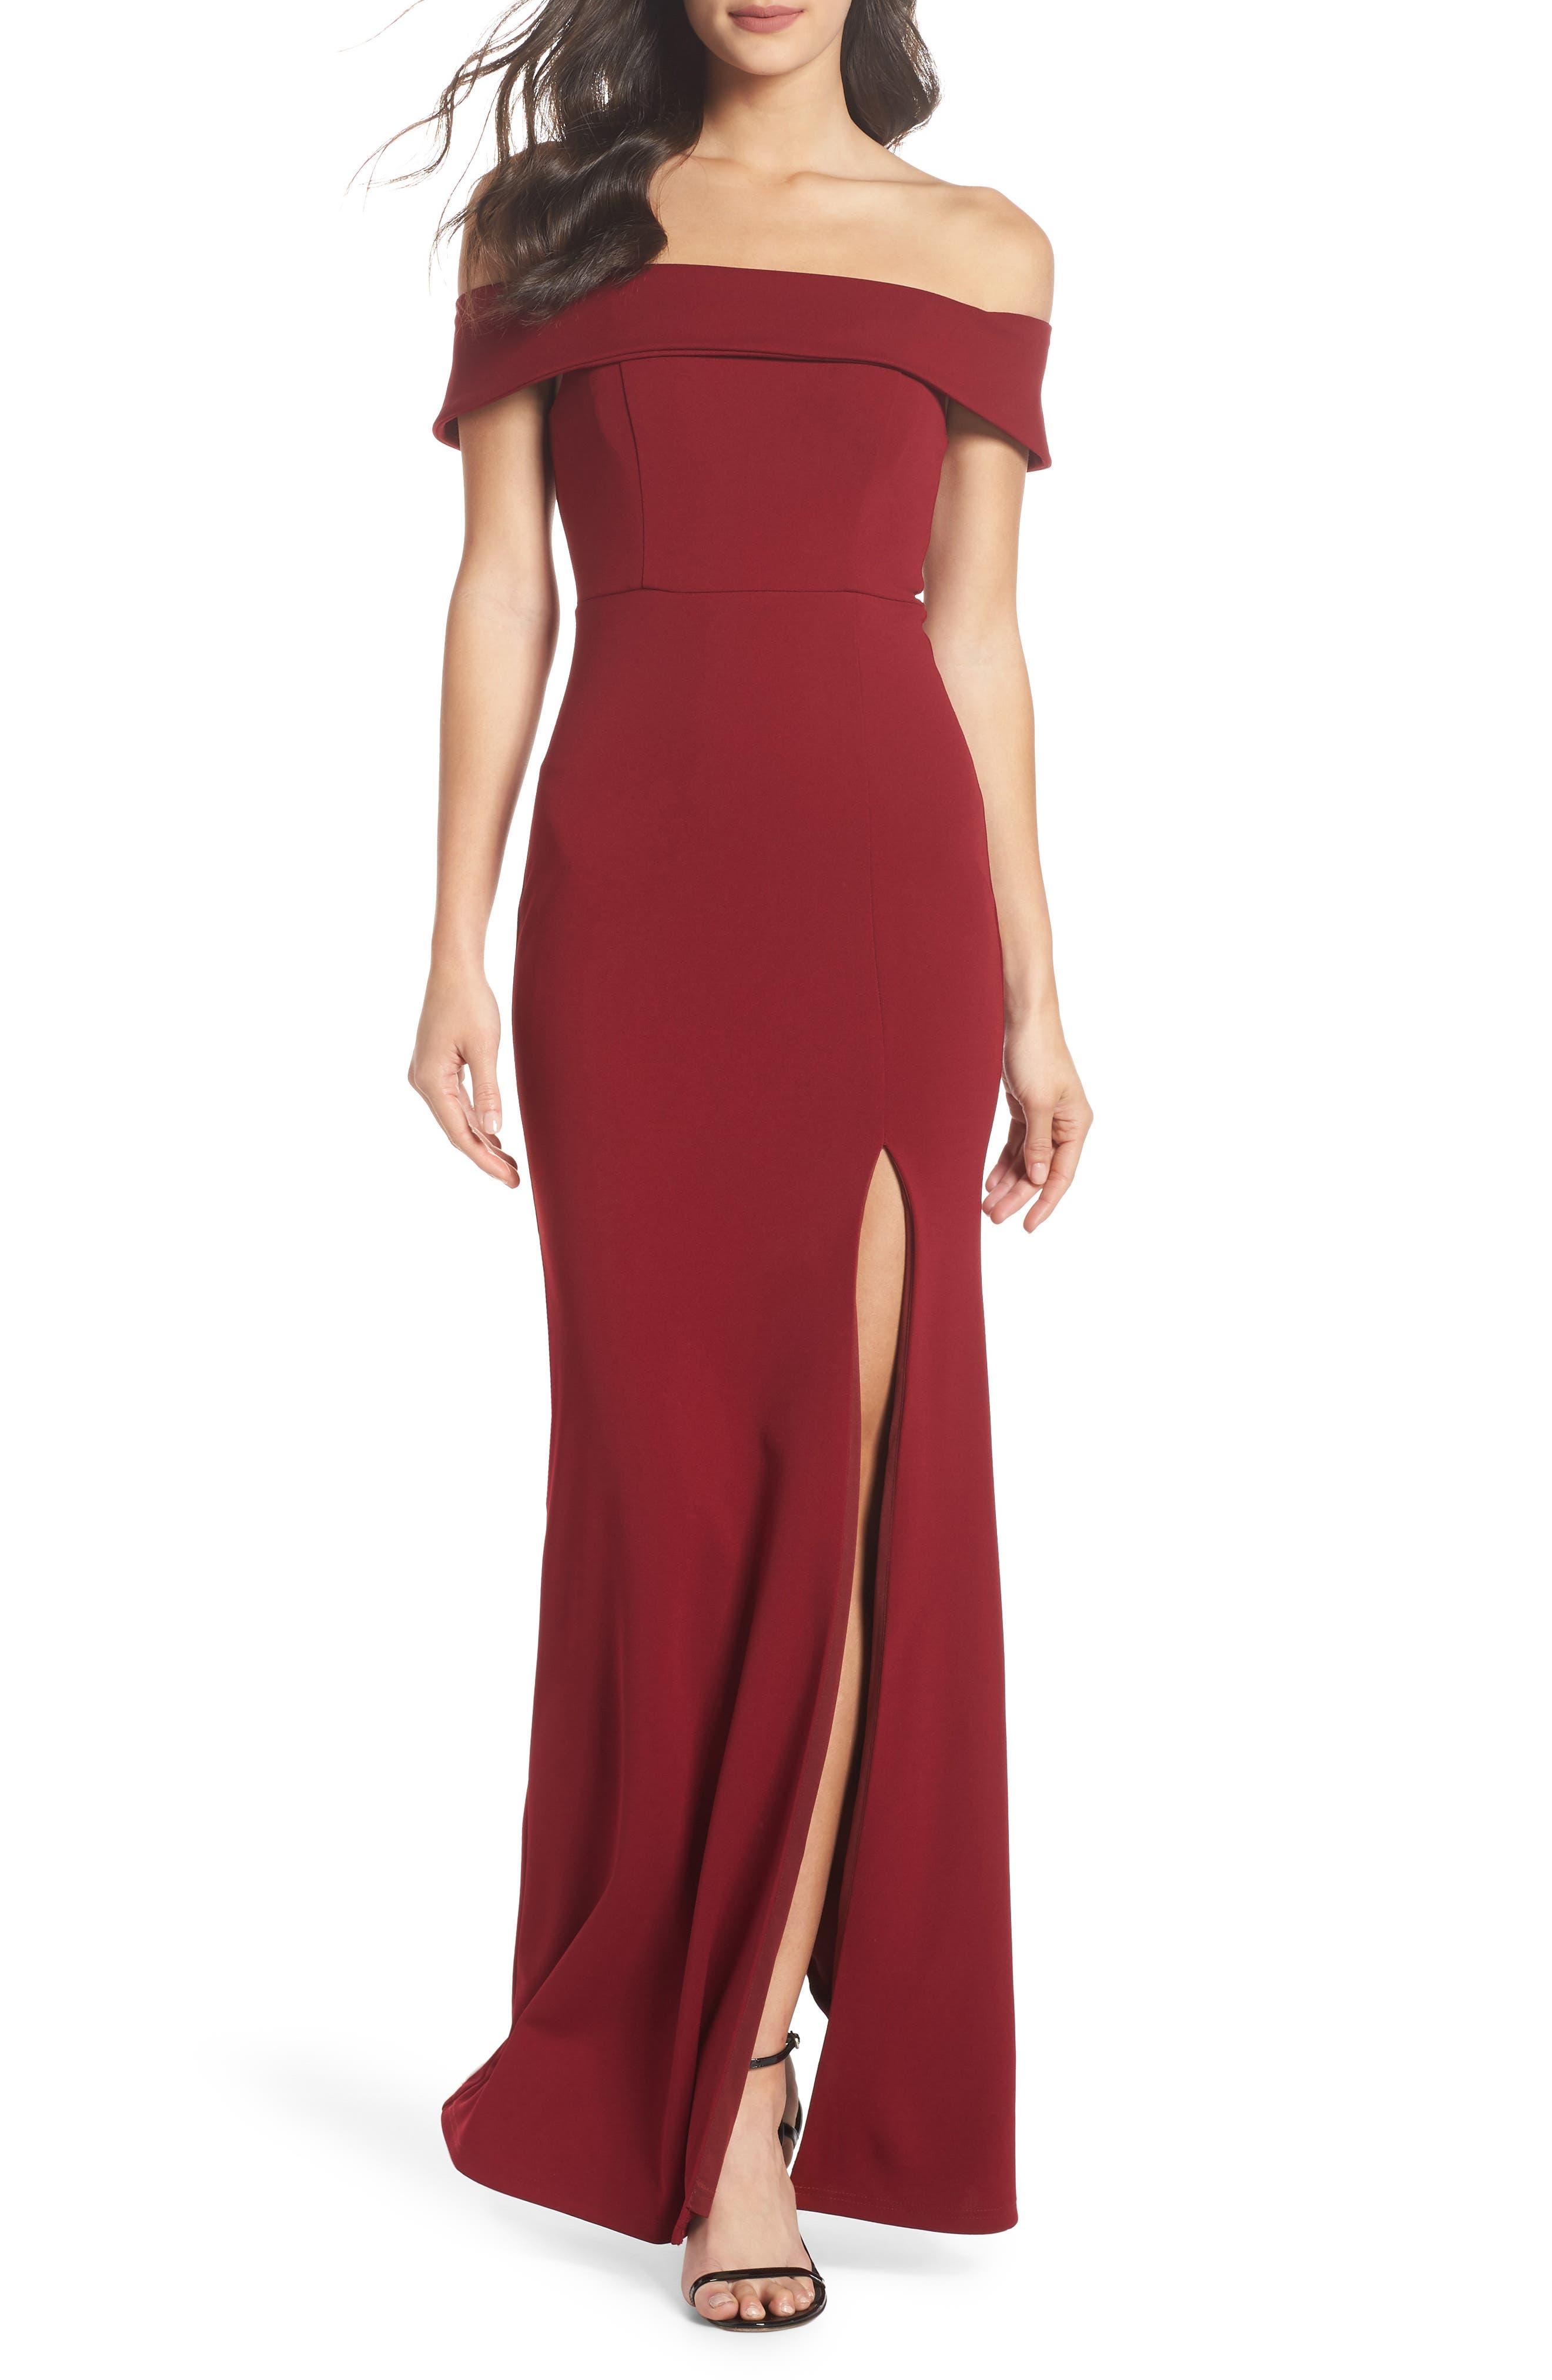 Lulus Off The Shoulder Mermaid Gown, Burgundy